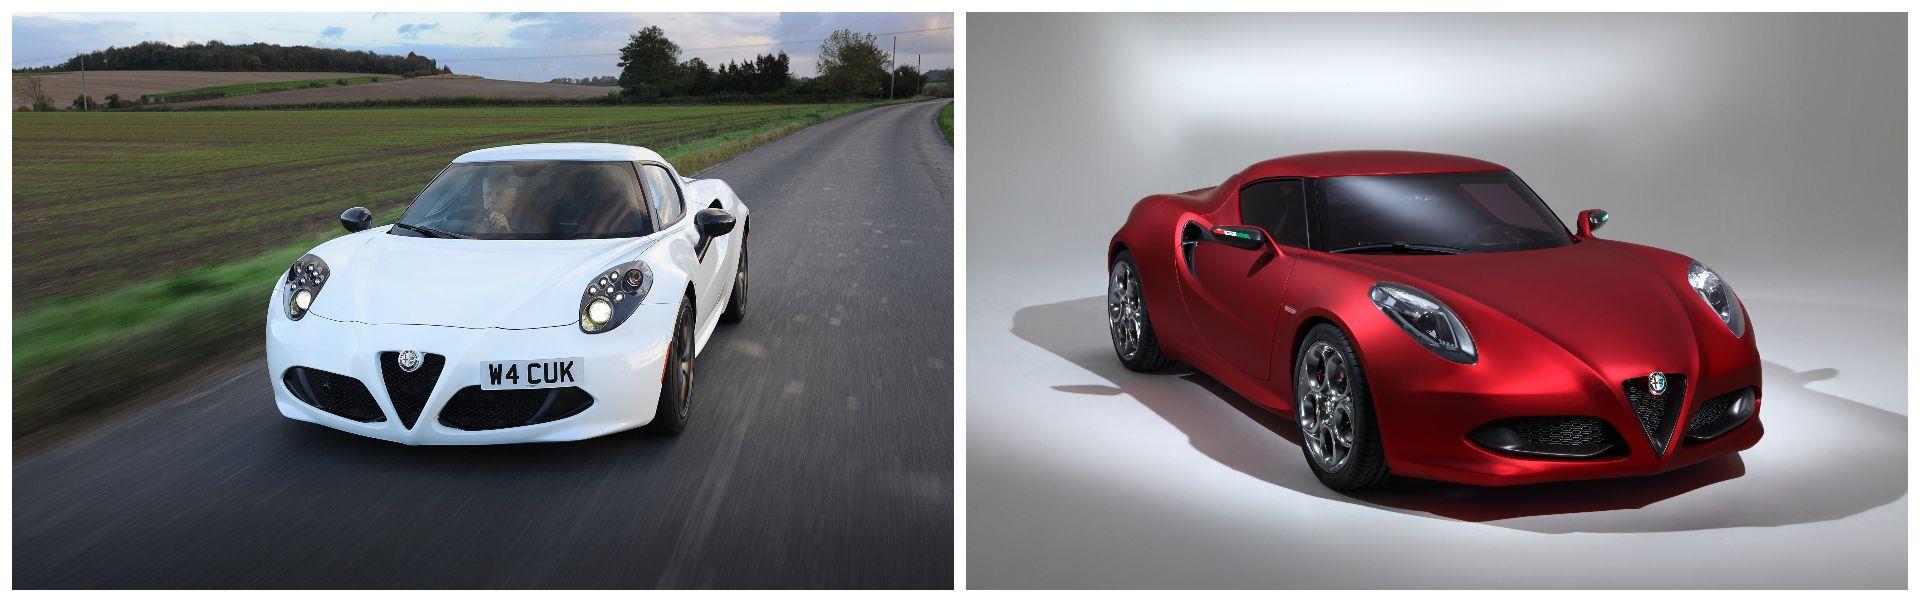 Alfa Romeo 4C Concept / 4C